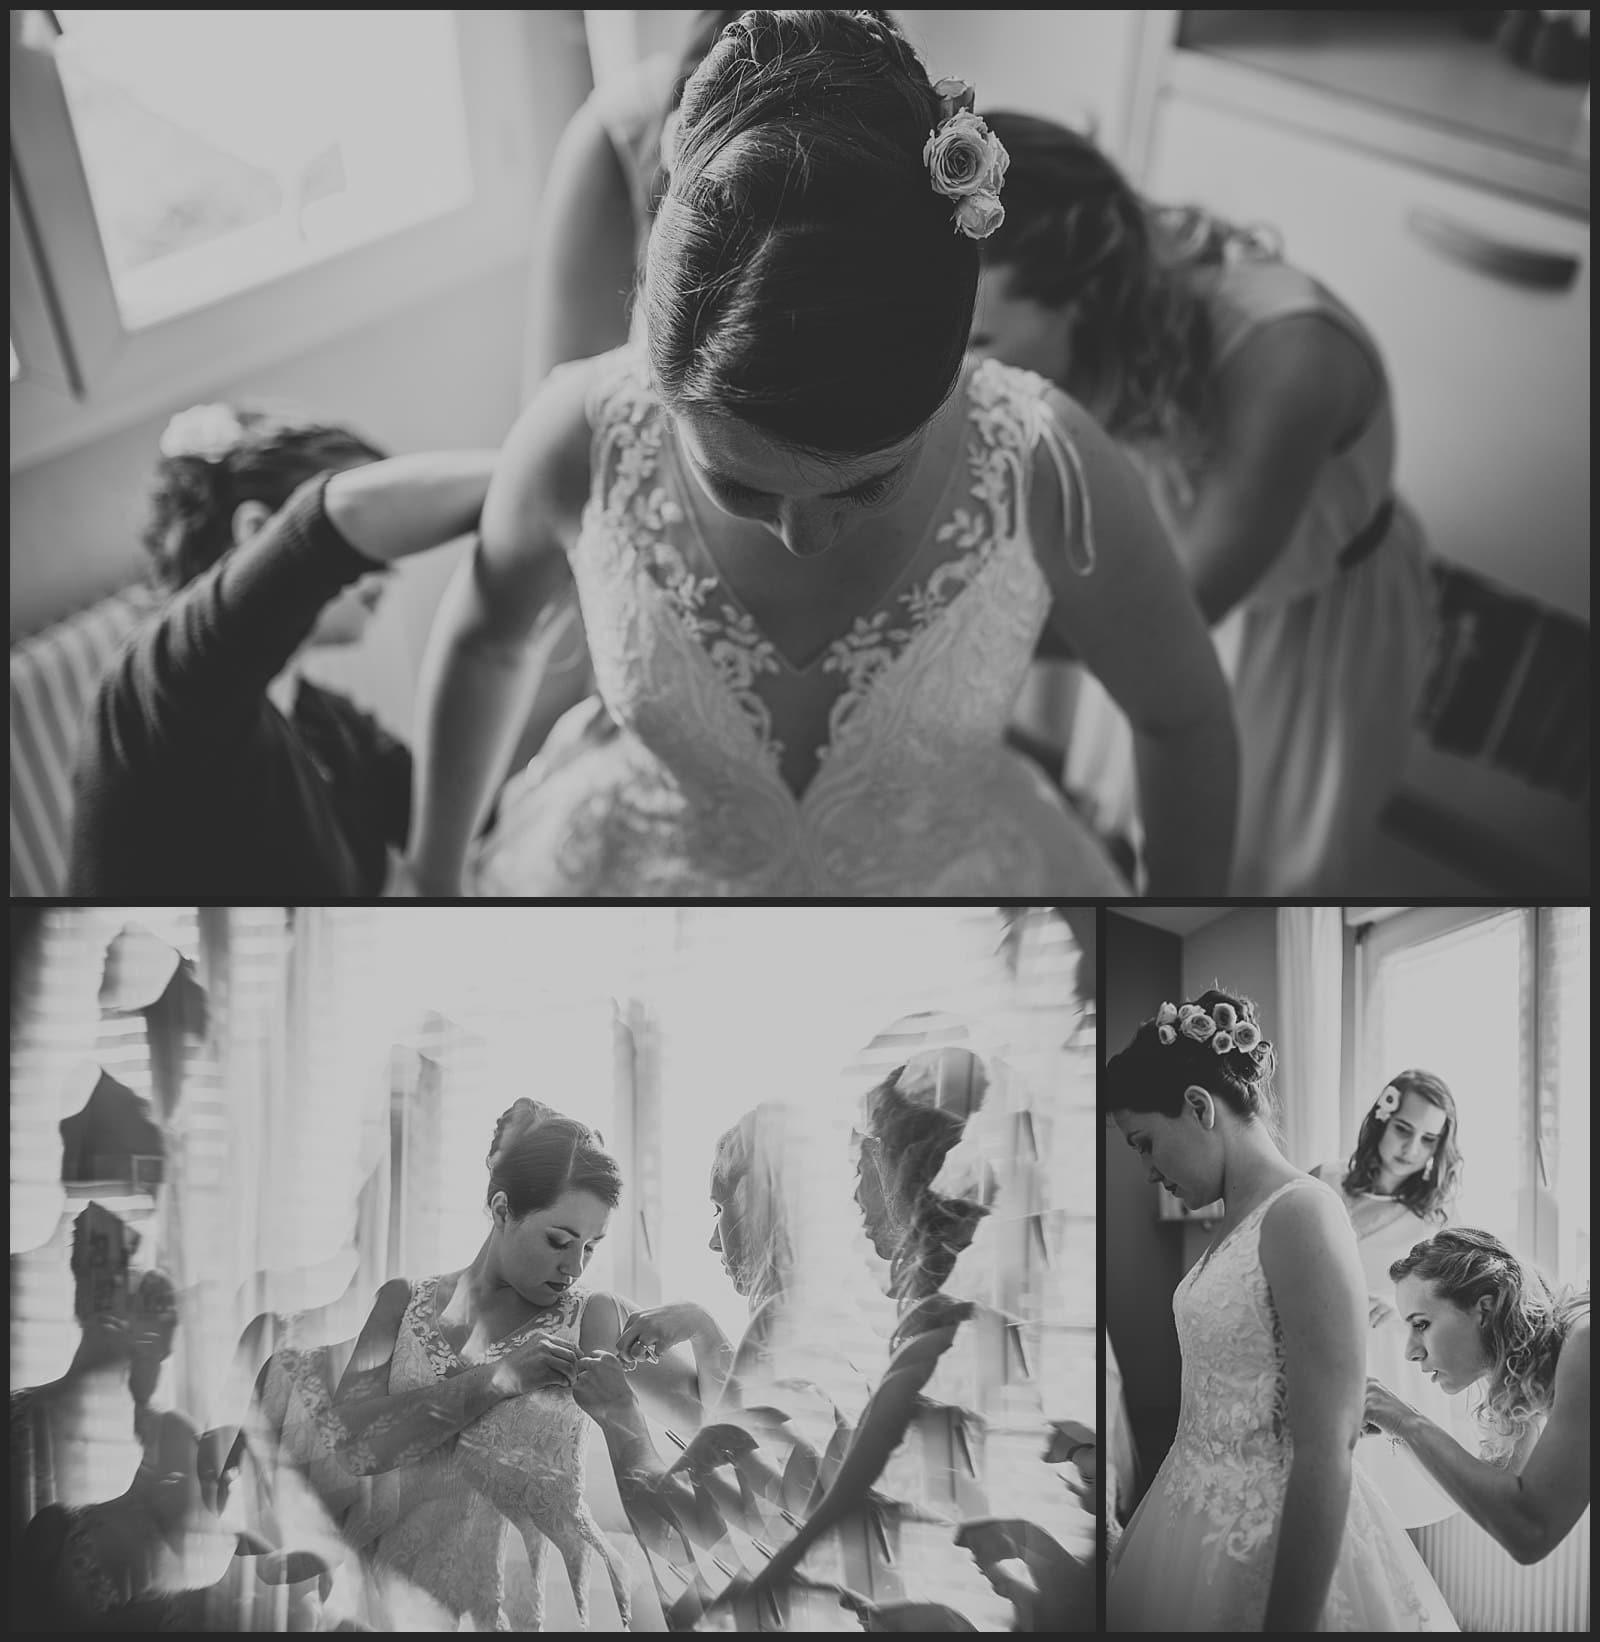 habillage de la mariée par les démoiselles d'honneur avec robe pronovia photographe vivien malagnat